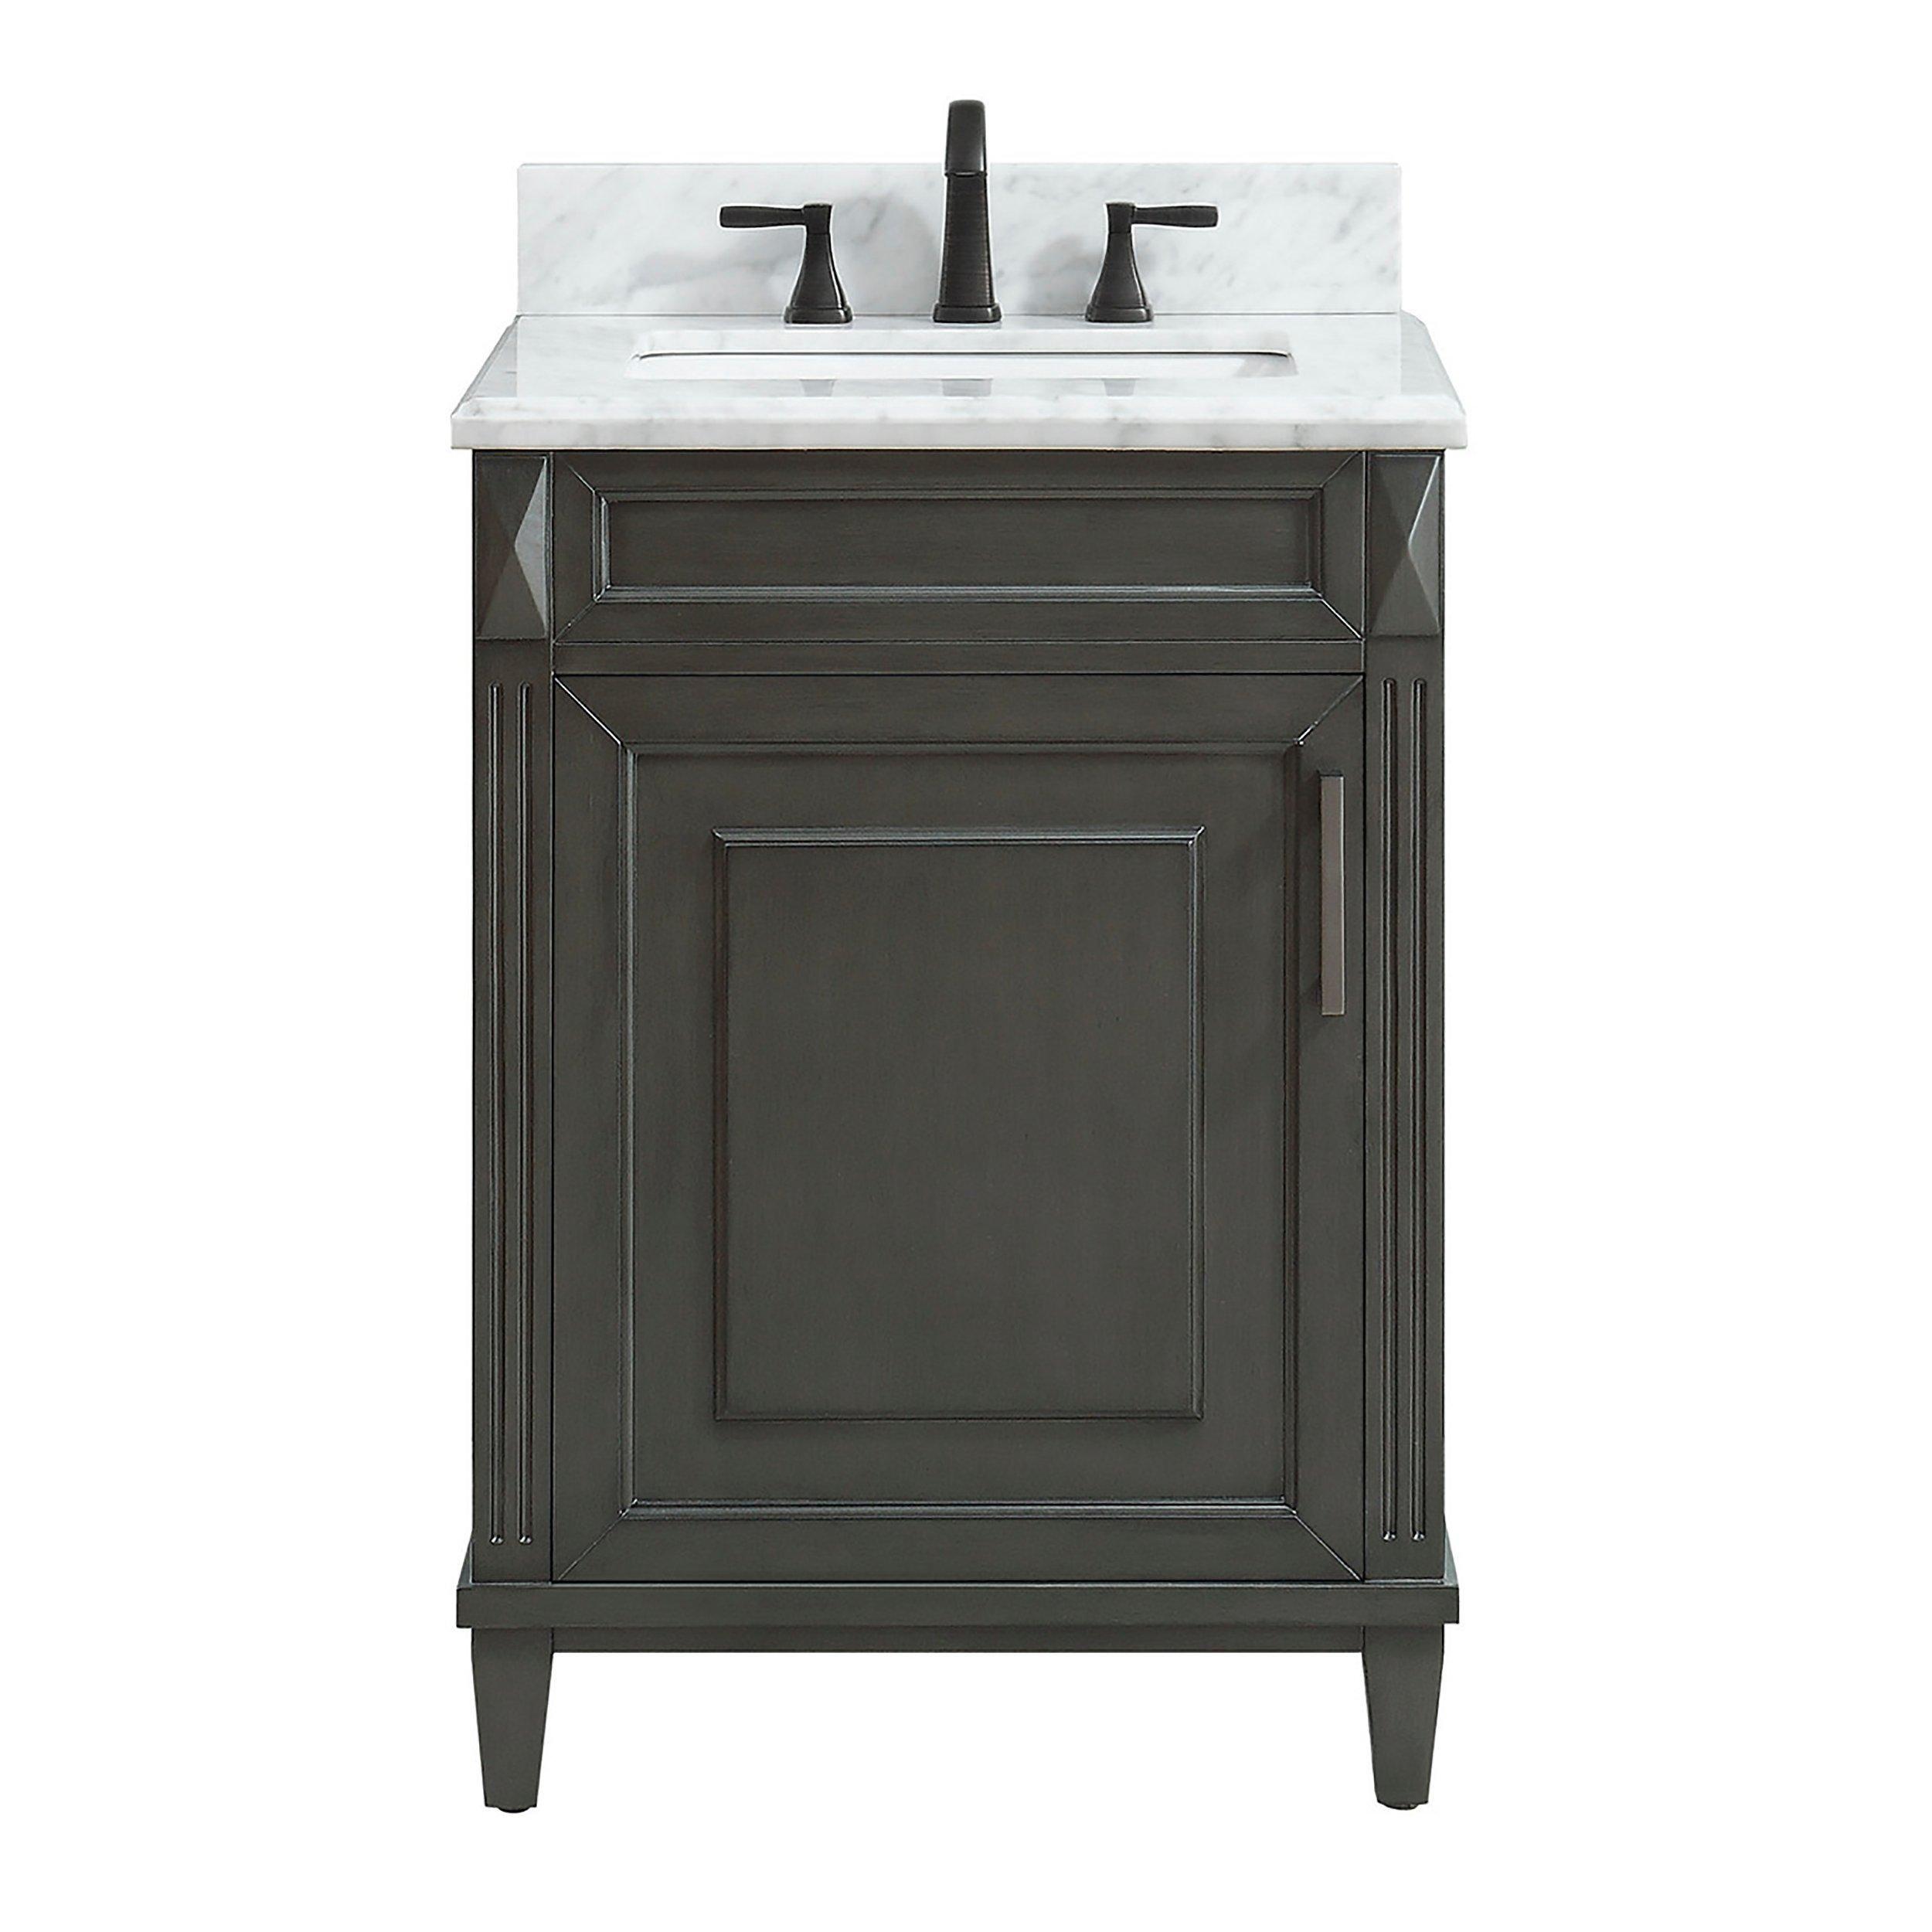 Sterling 25 In Vanity With Carrara Marble Top In 2021 Vanity Marble Wood Polished Porcelain Tiles 25 inch vanity top